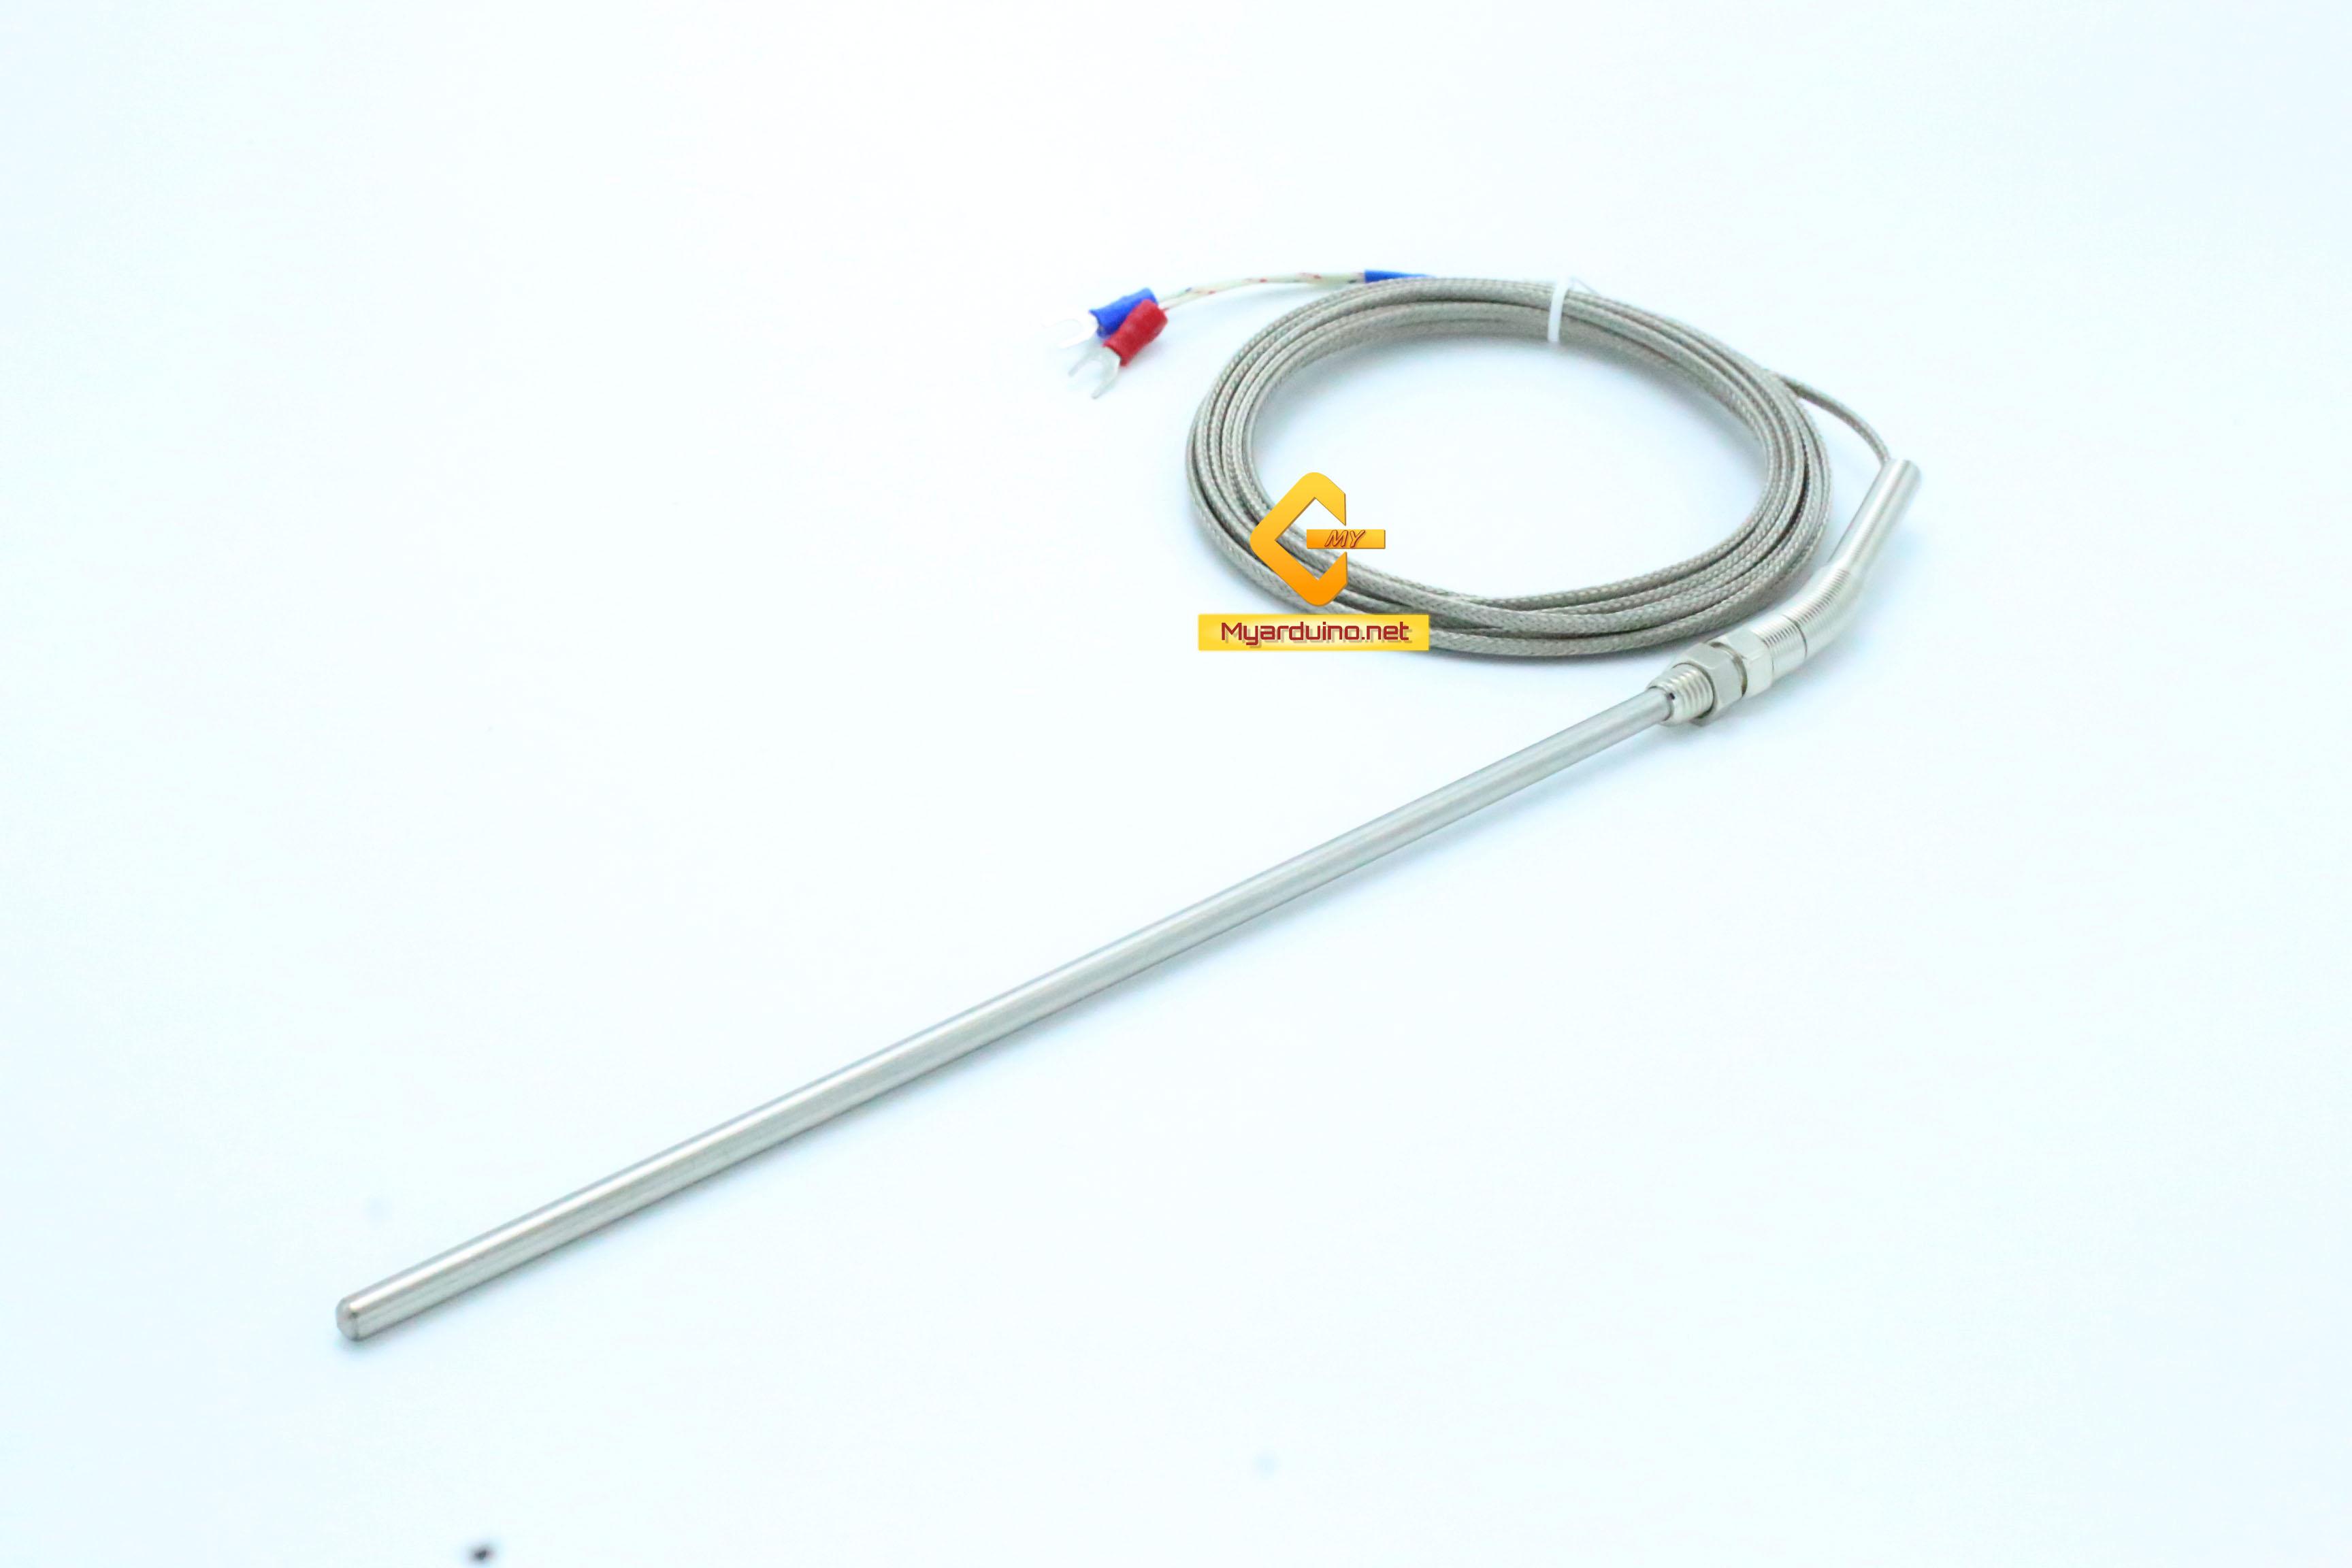 เซนเซอร์วัดอุณหภูมิ K-Type 0-800C ตัวเซนเซอร์ ยาว 200mm สายยาว 3m